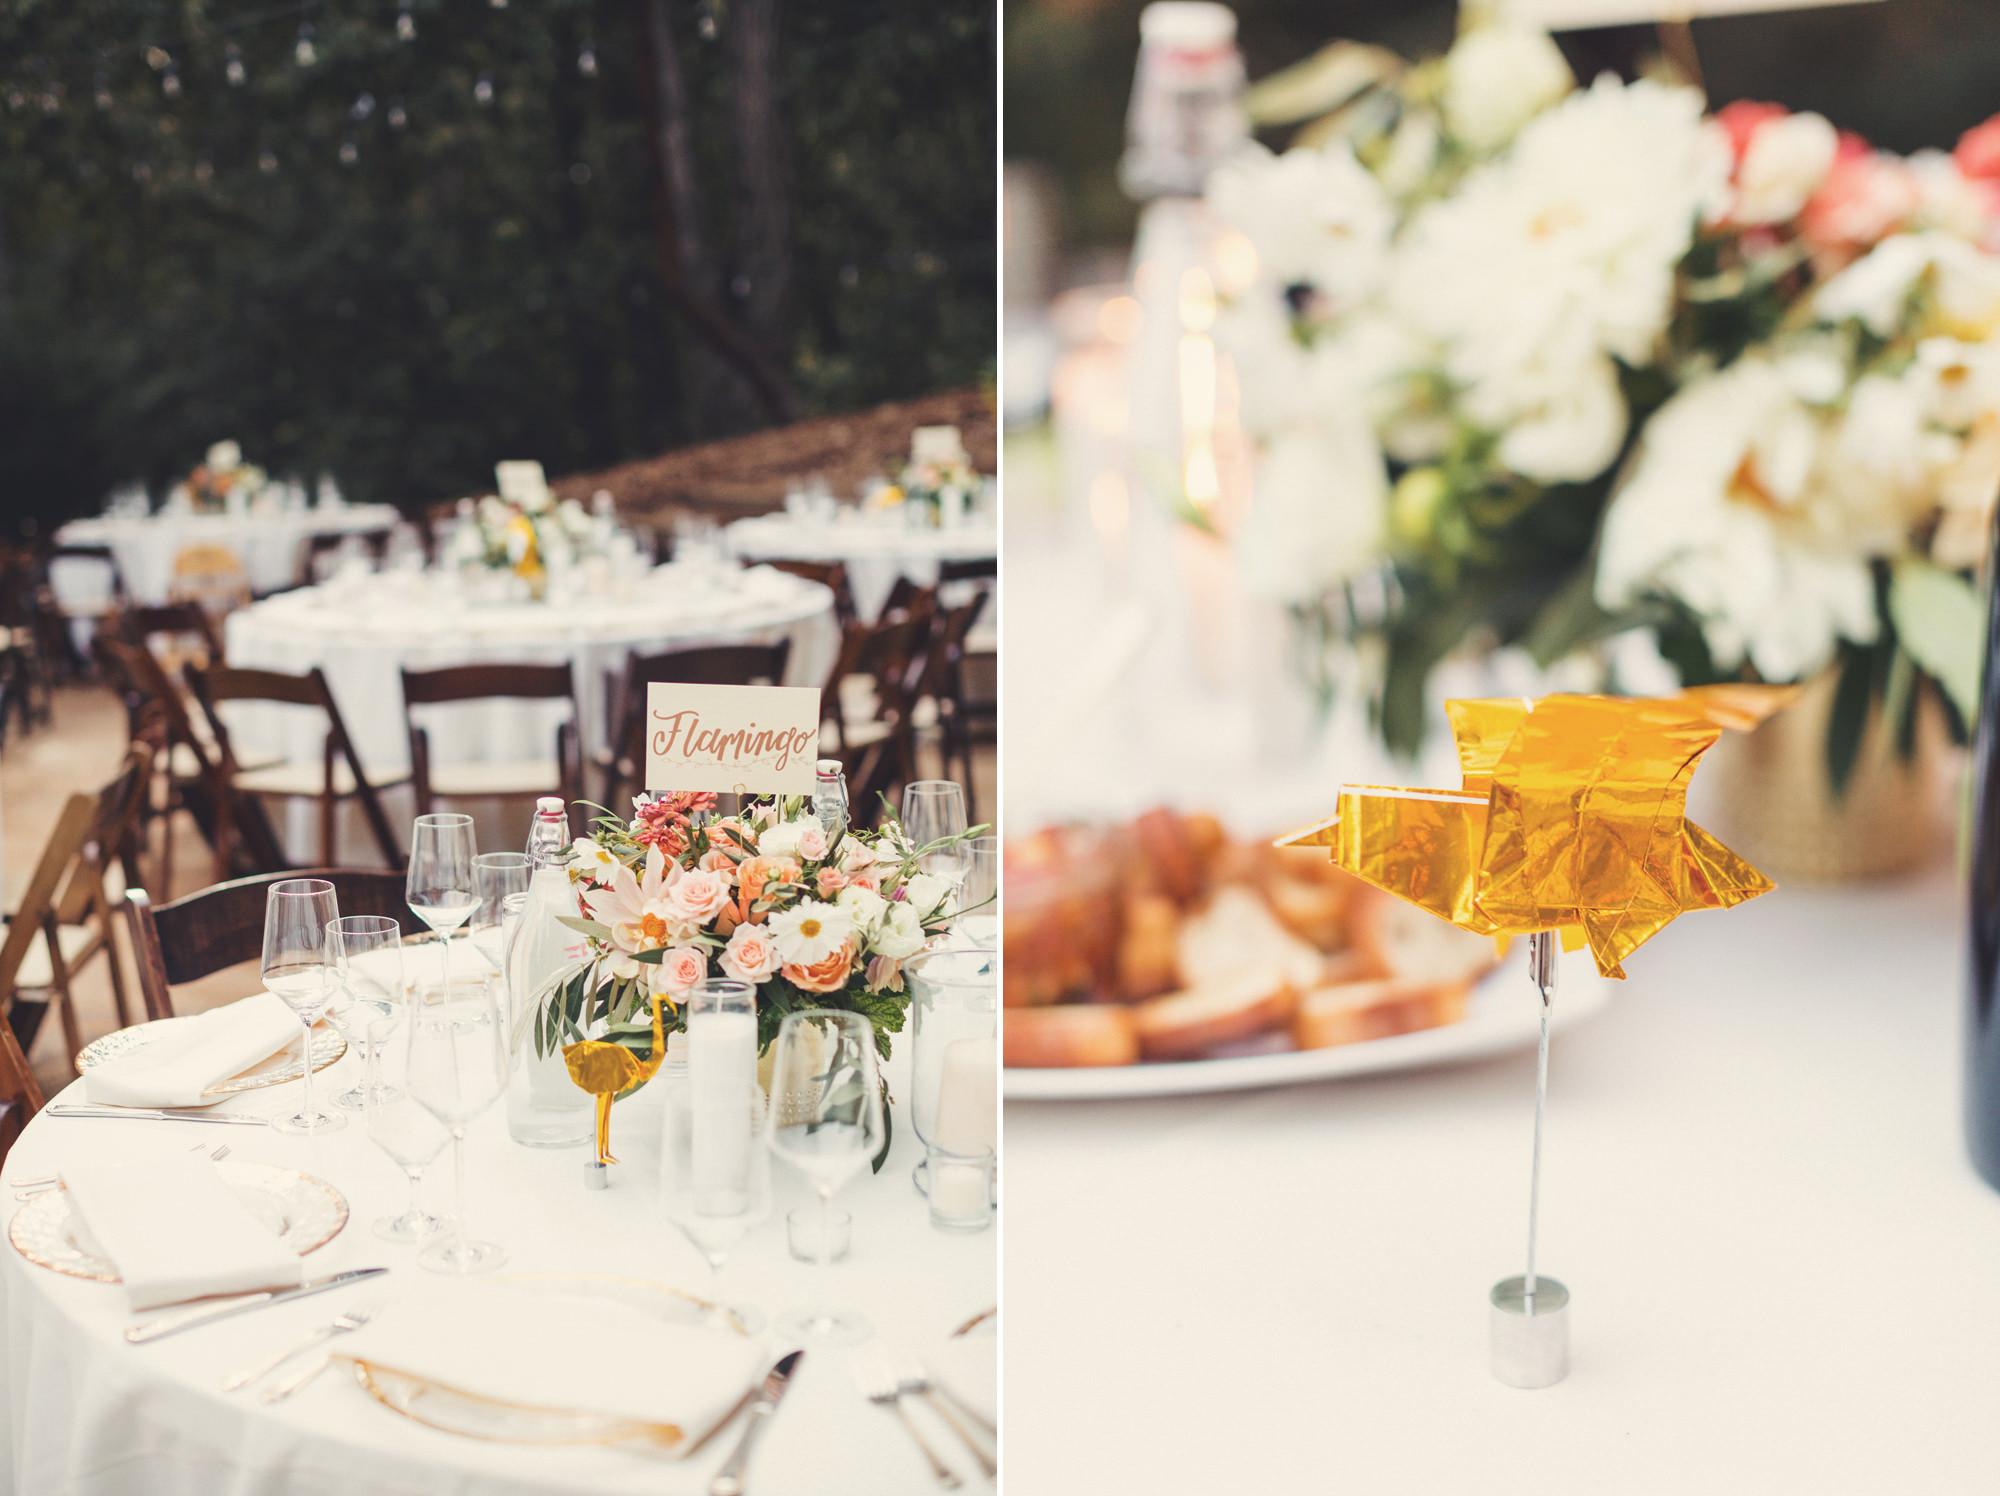 Sequoia Retreat Center Wedding@Anne-Claire Brun 179